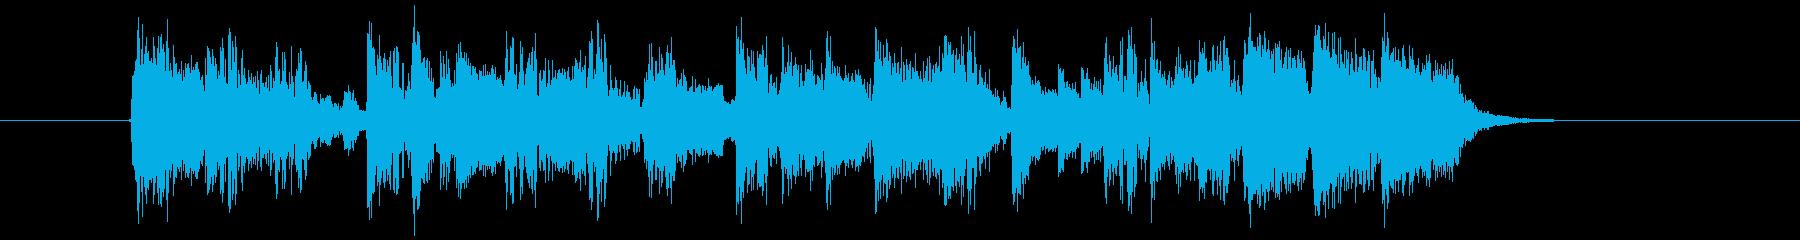 ワイルドでクールなパンクロックジングルの再生済みの波形